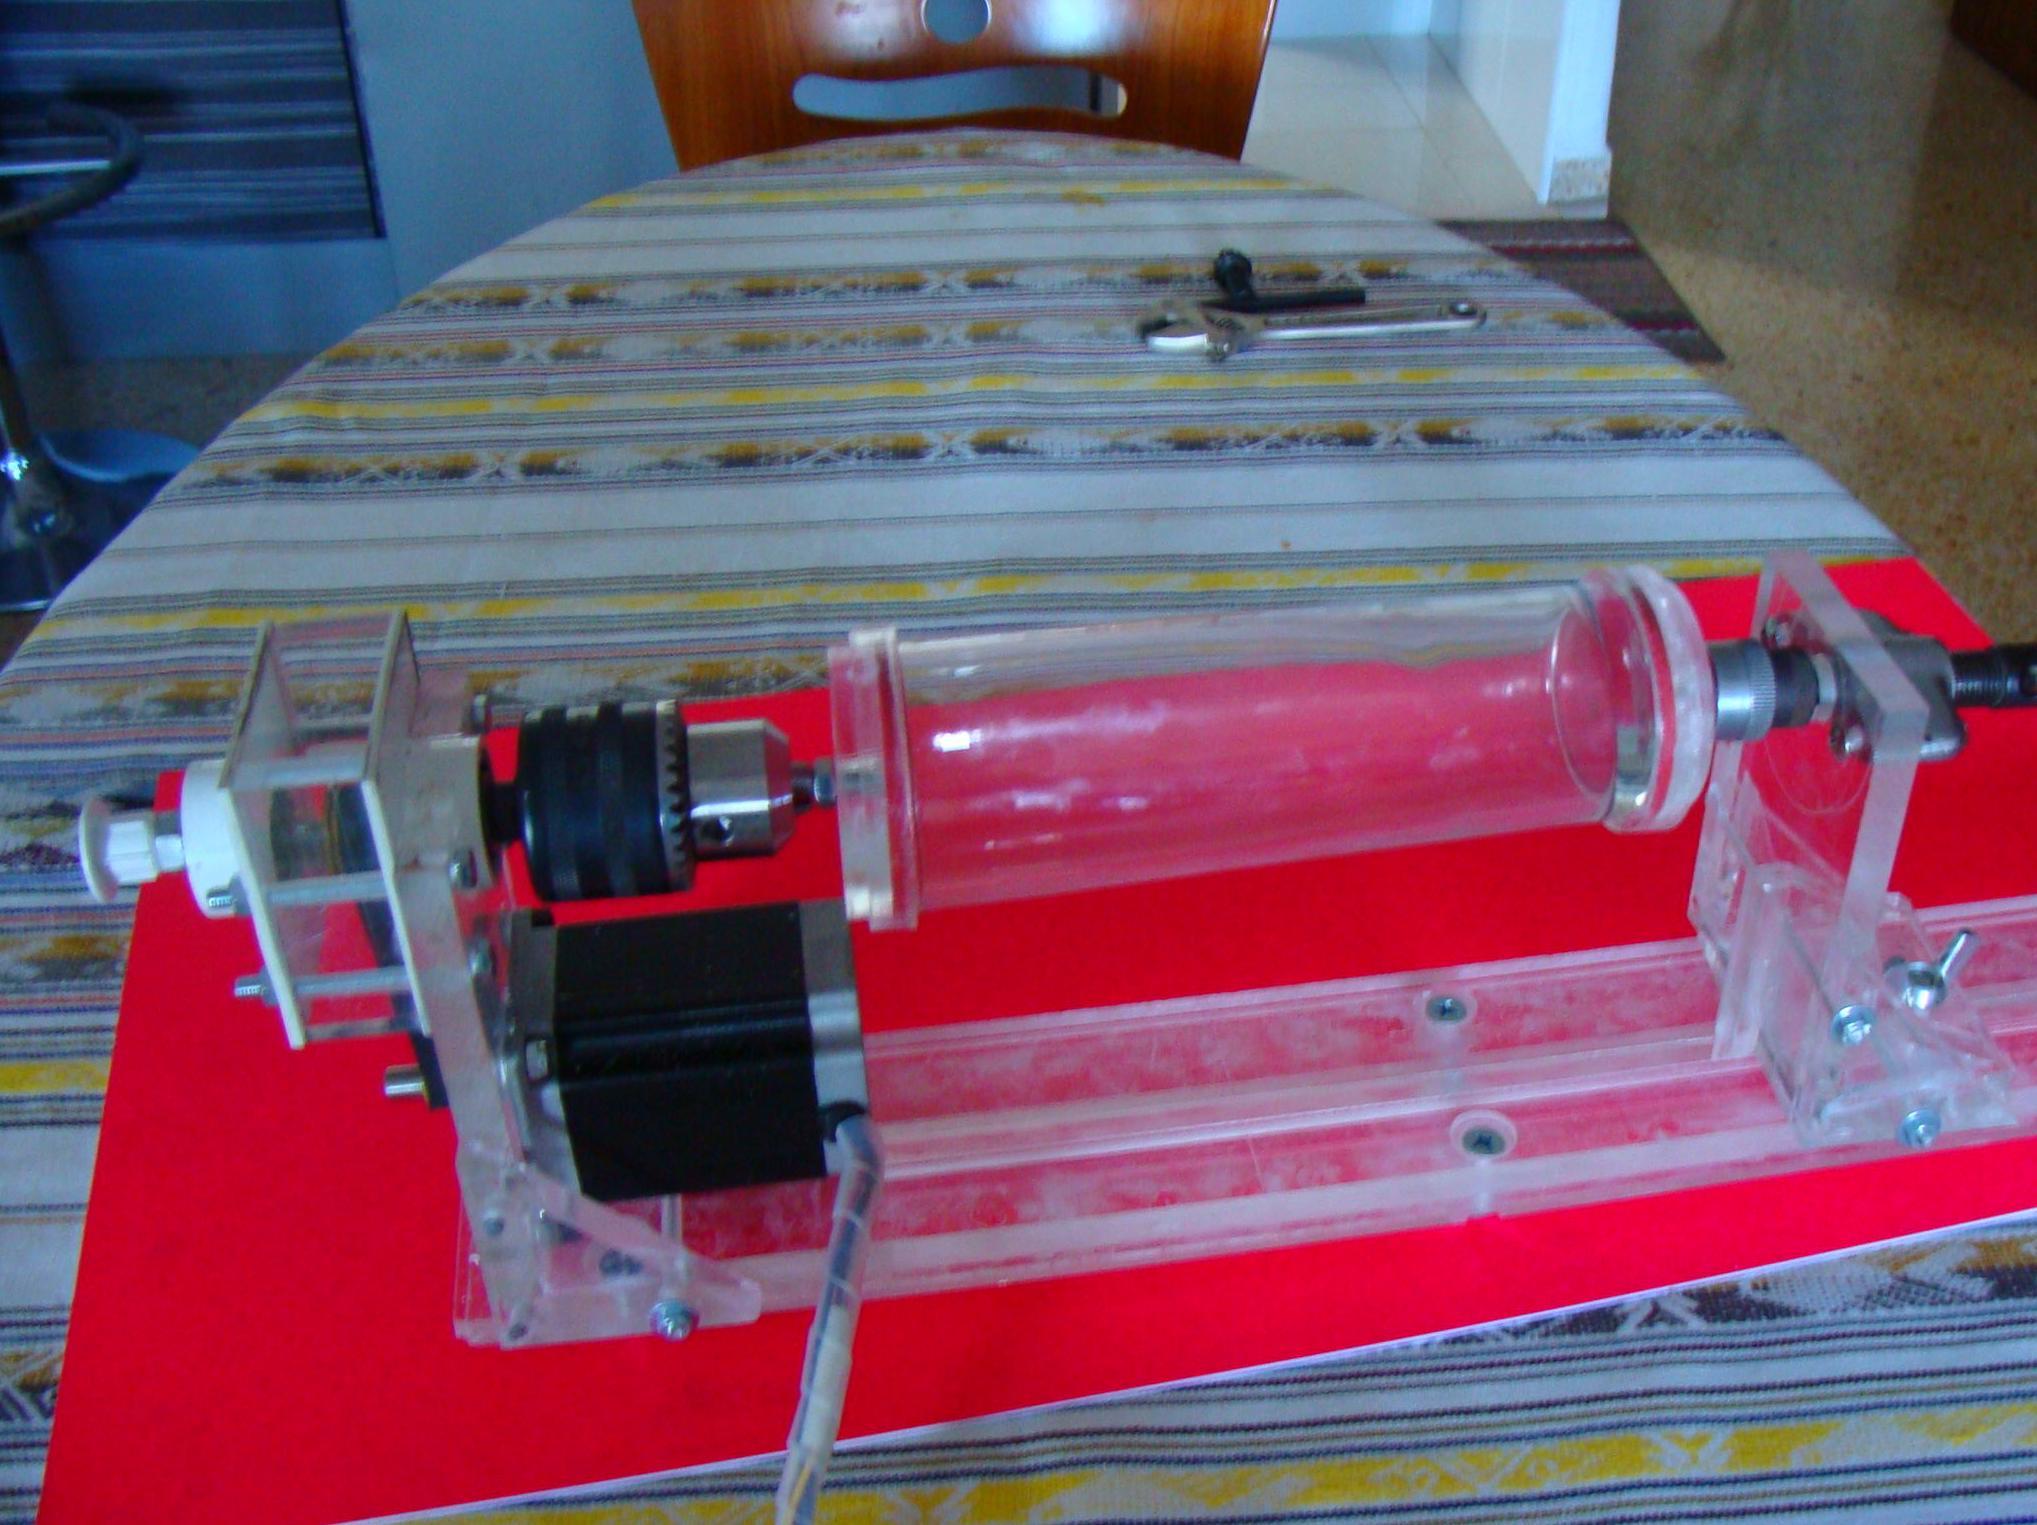 Nuevo dispositivo para grabar cilindros, copas, vasos y botellas en cristal.